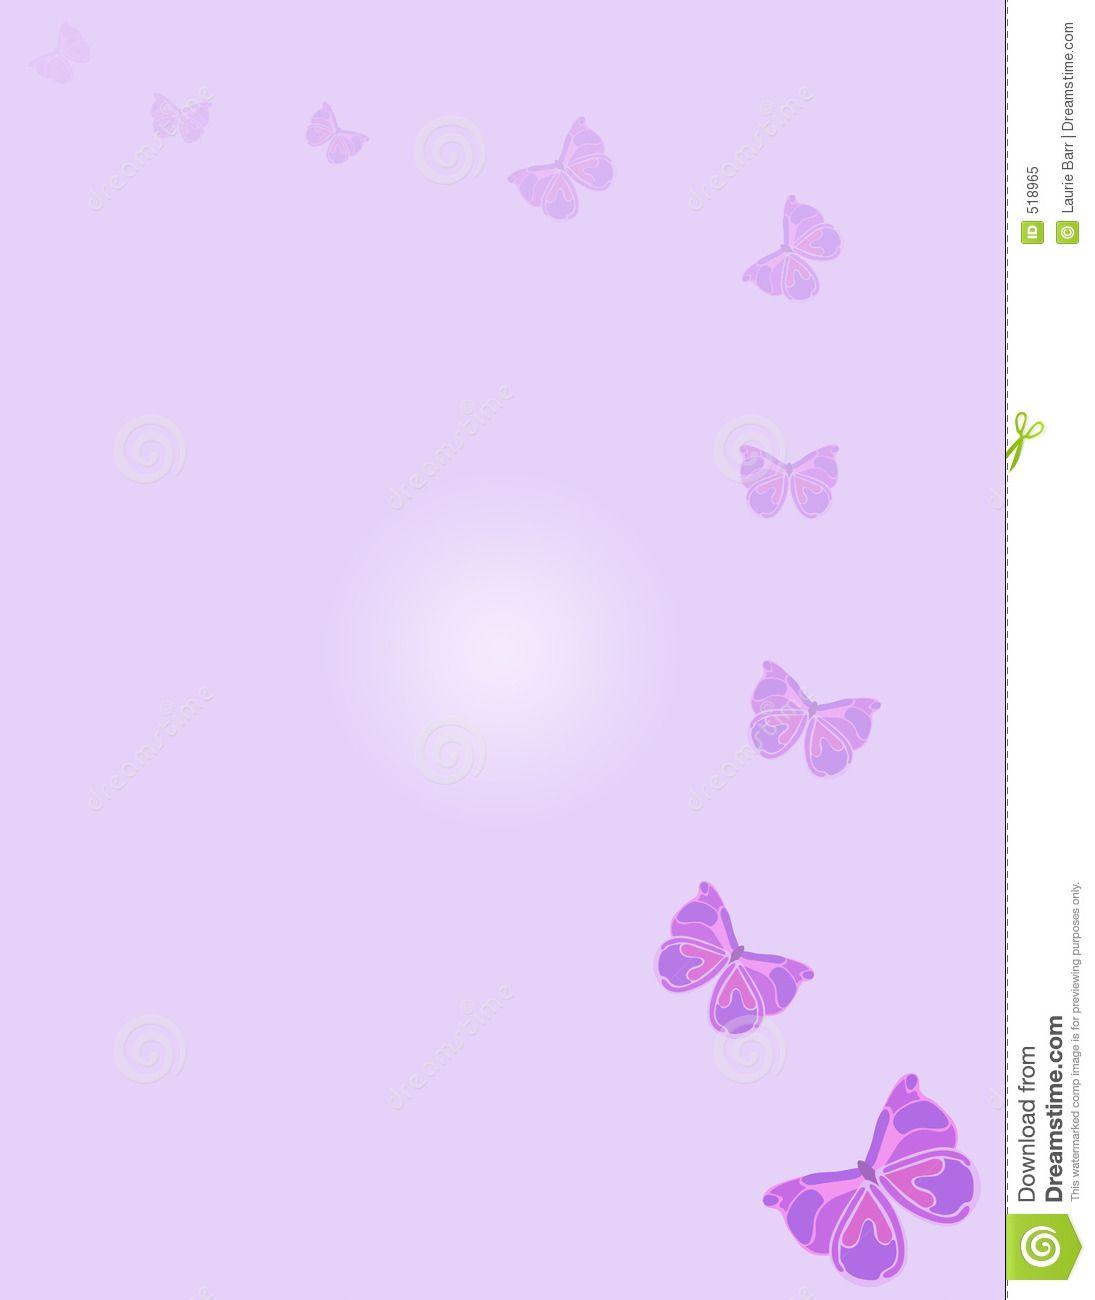 Fondo de la mariposa | mesas | Pinterest | Las mariposas, Mariposas ...